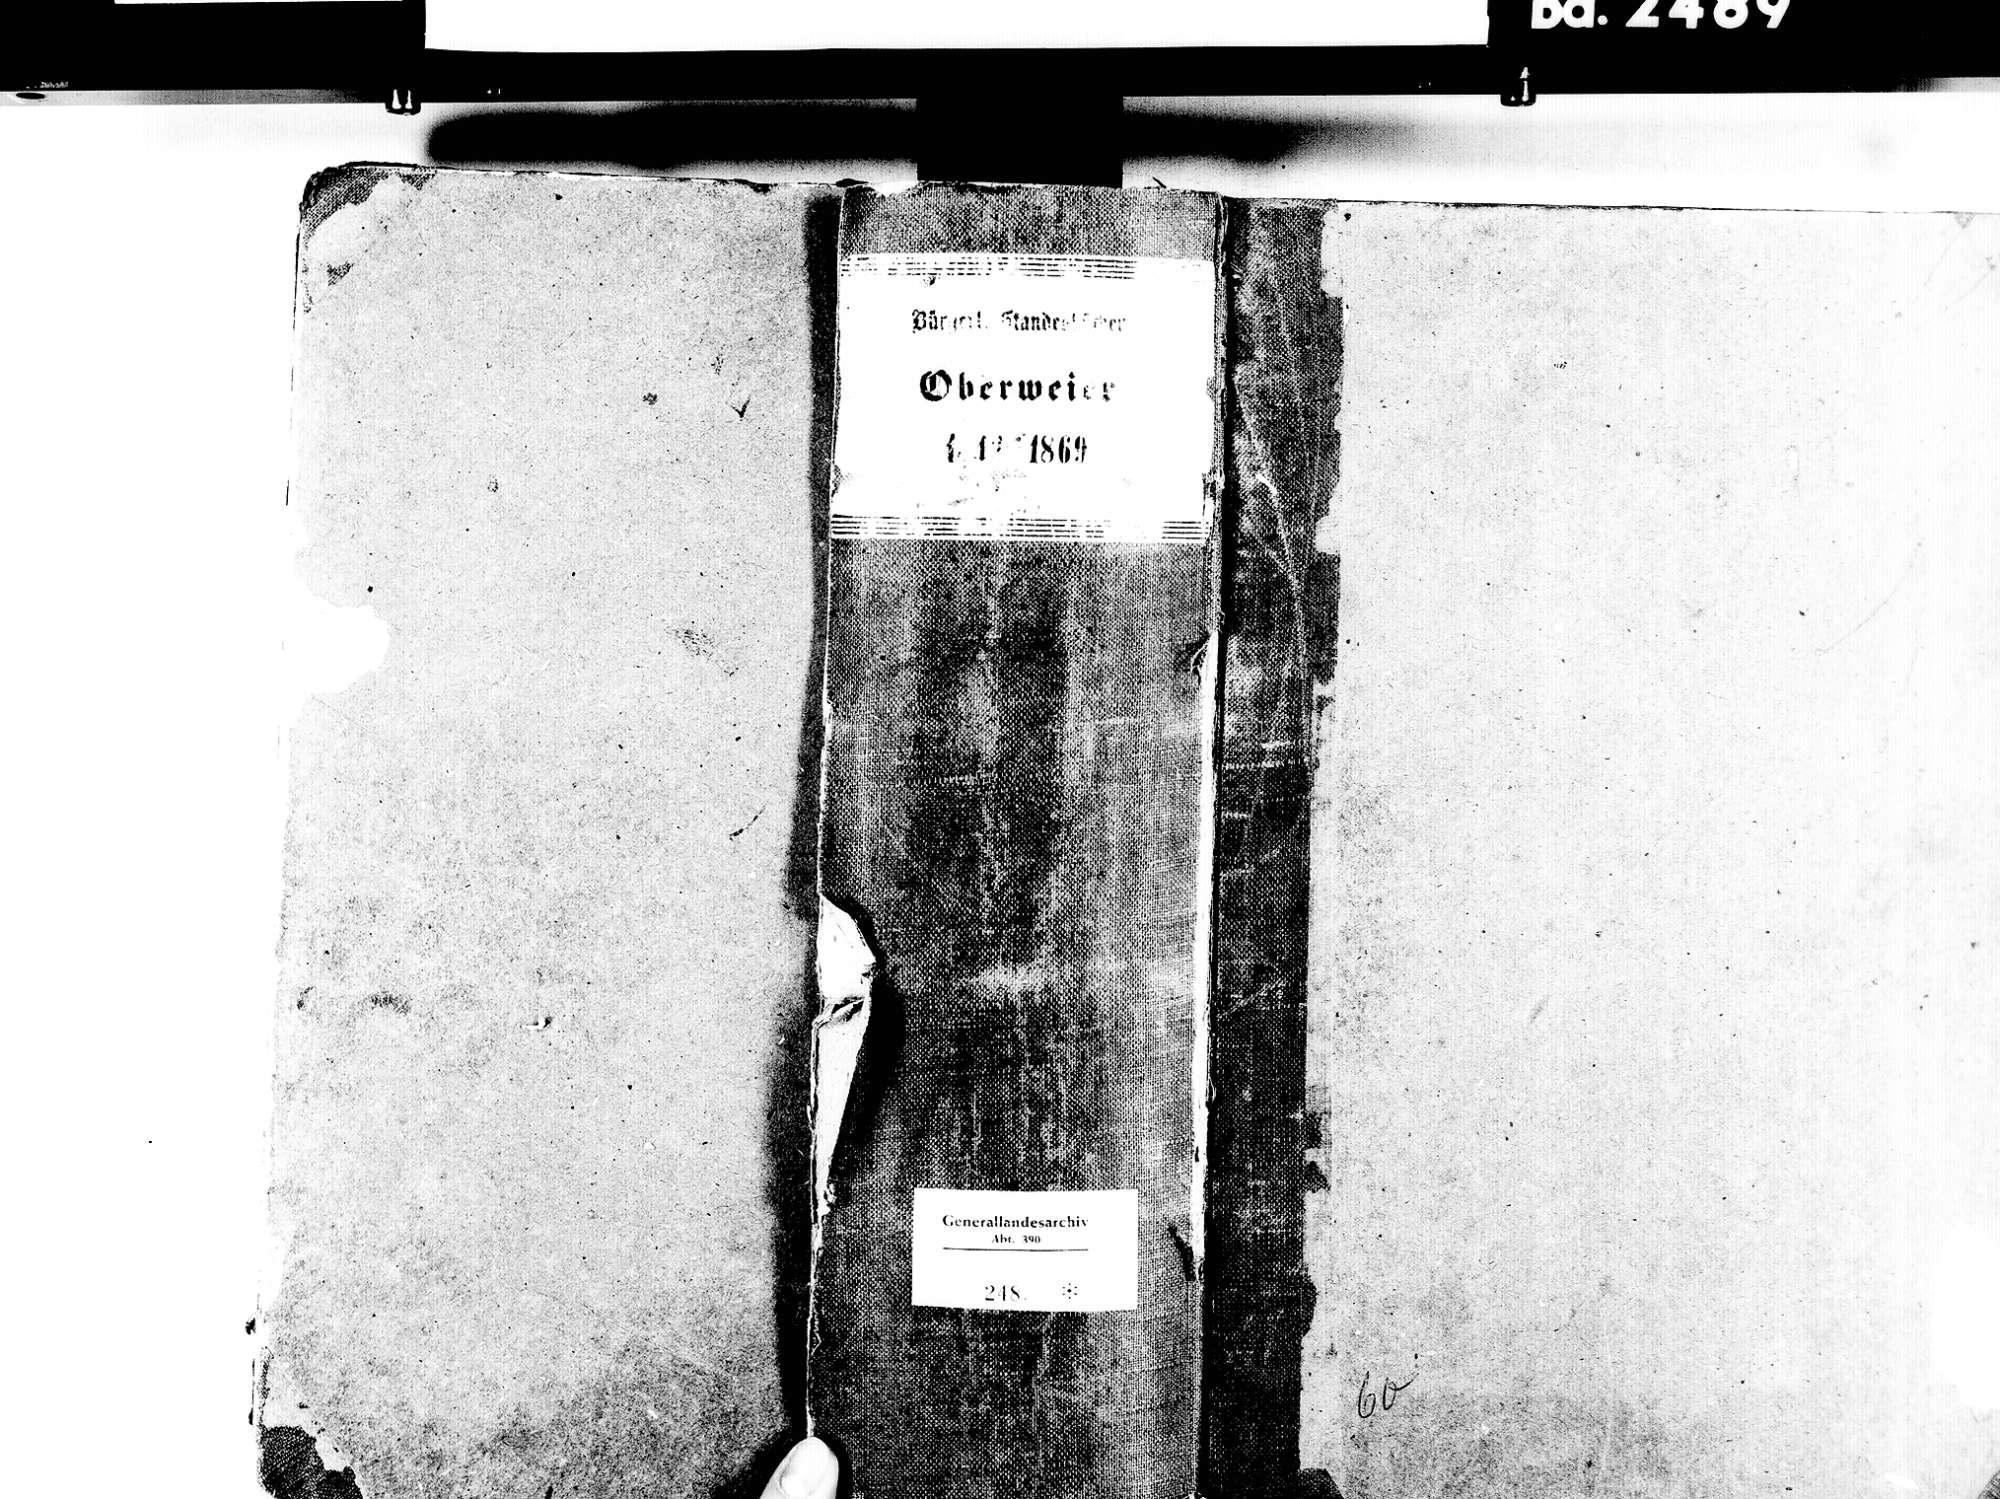 Oberweier, Friesenheim OG; Evangelische Gemeinde: Standesbuch 1842-1869 Oberweier, Friesenheim OG; Katholische Gemeinde: Standesbuch 1842-1869, Bild 1